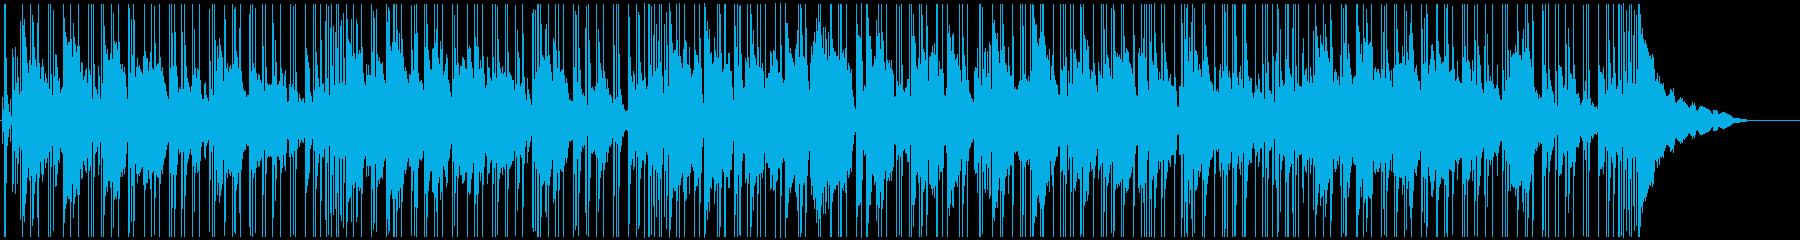 夜の街のシーンに合うBGMの再生済みの波形